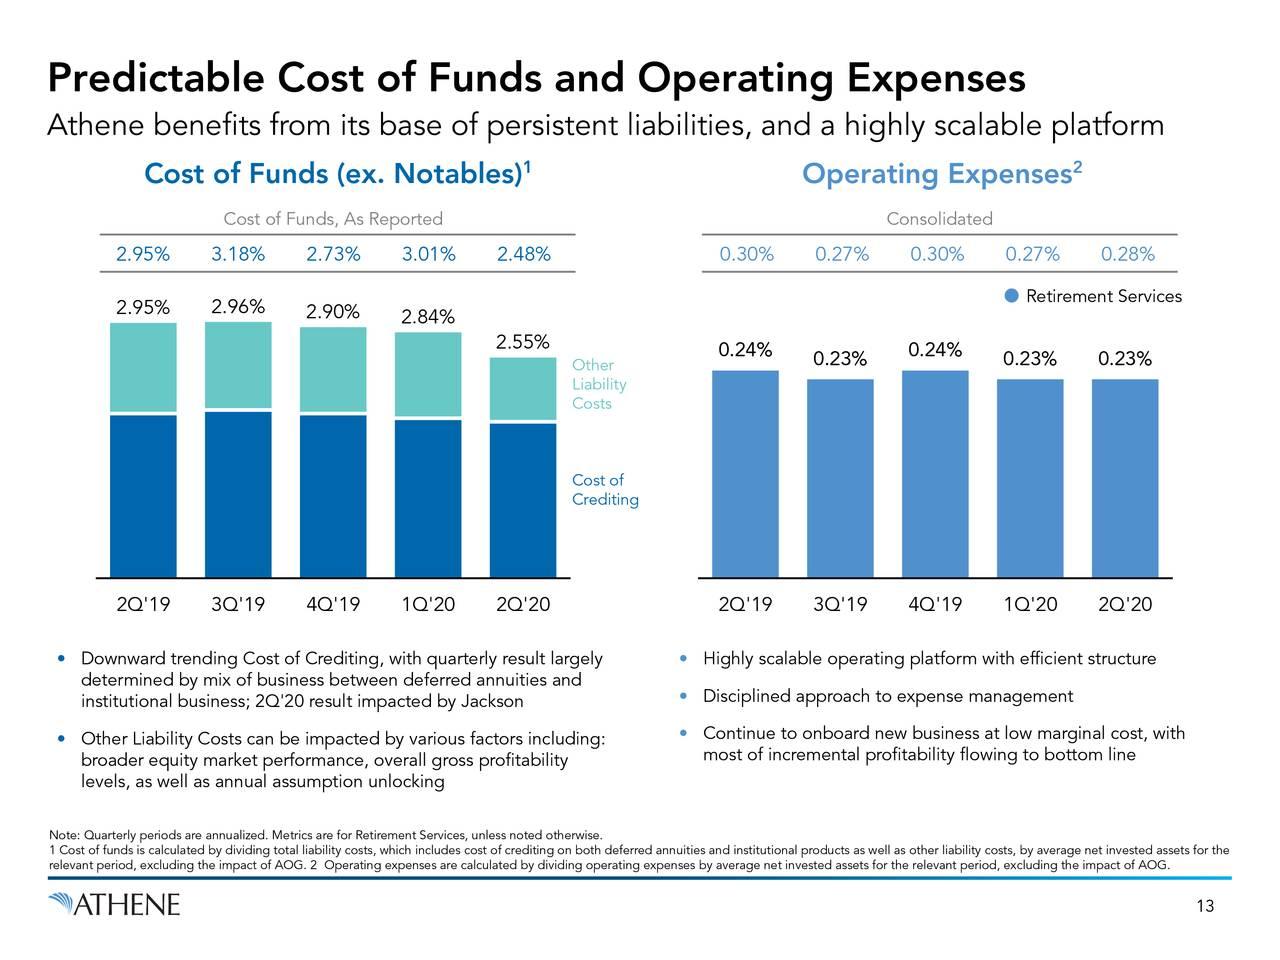 Costo predecible de fondos y gastos operativos